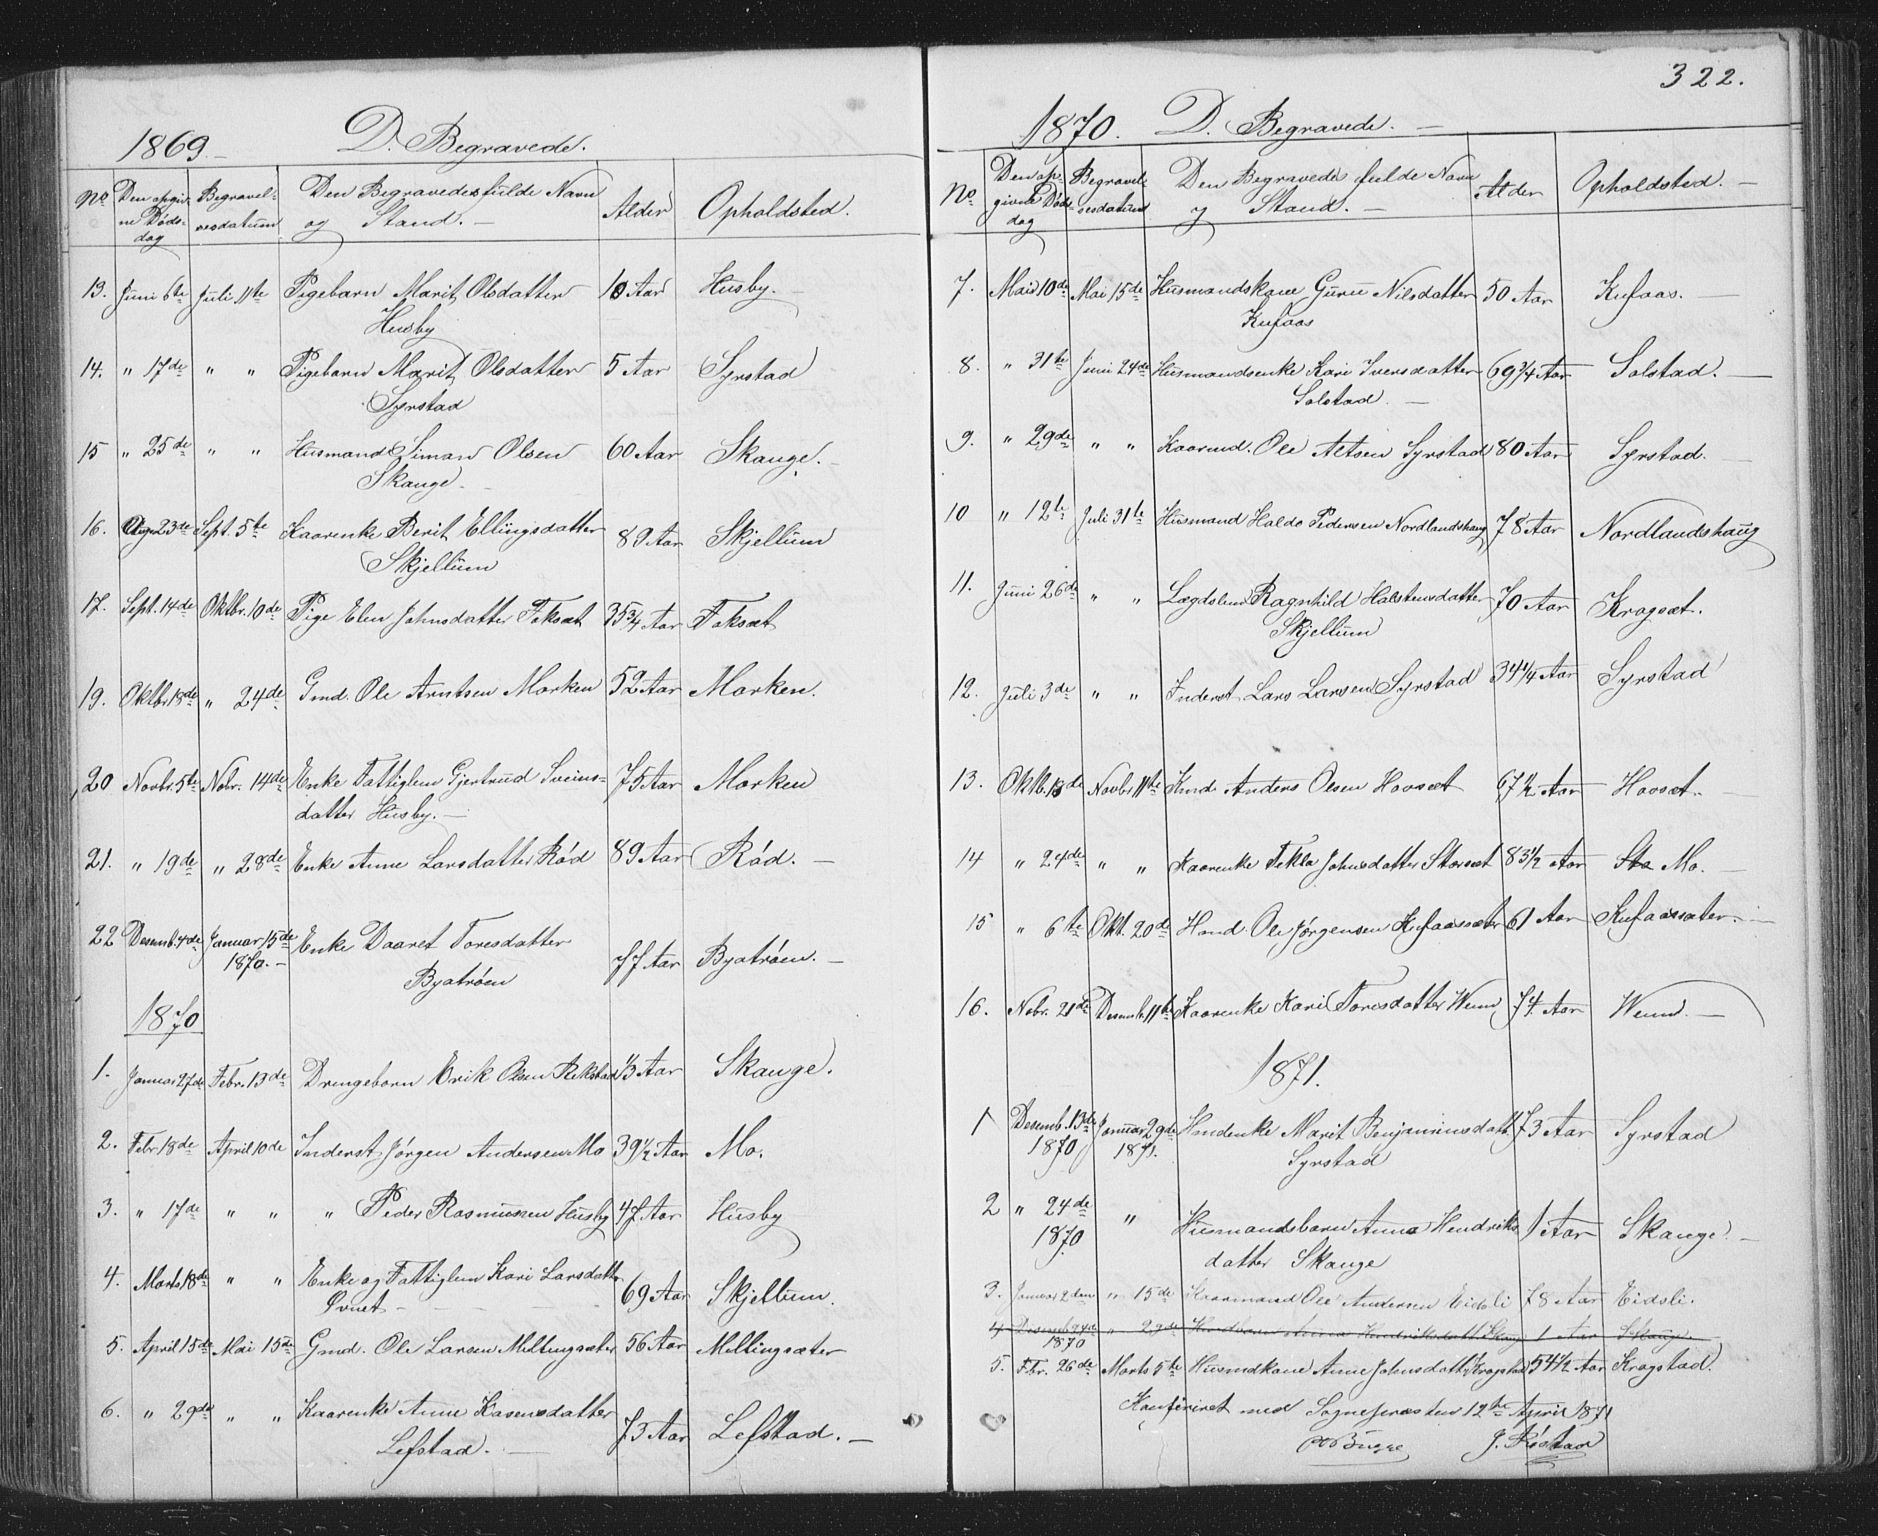 SAT, Ministerialprotokoller, klokkerbøker og fødselsregistre - Sør-Trøndelag, 667/L0798: Klokkerbok nr. 667C03, 1867-1929, s. 322